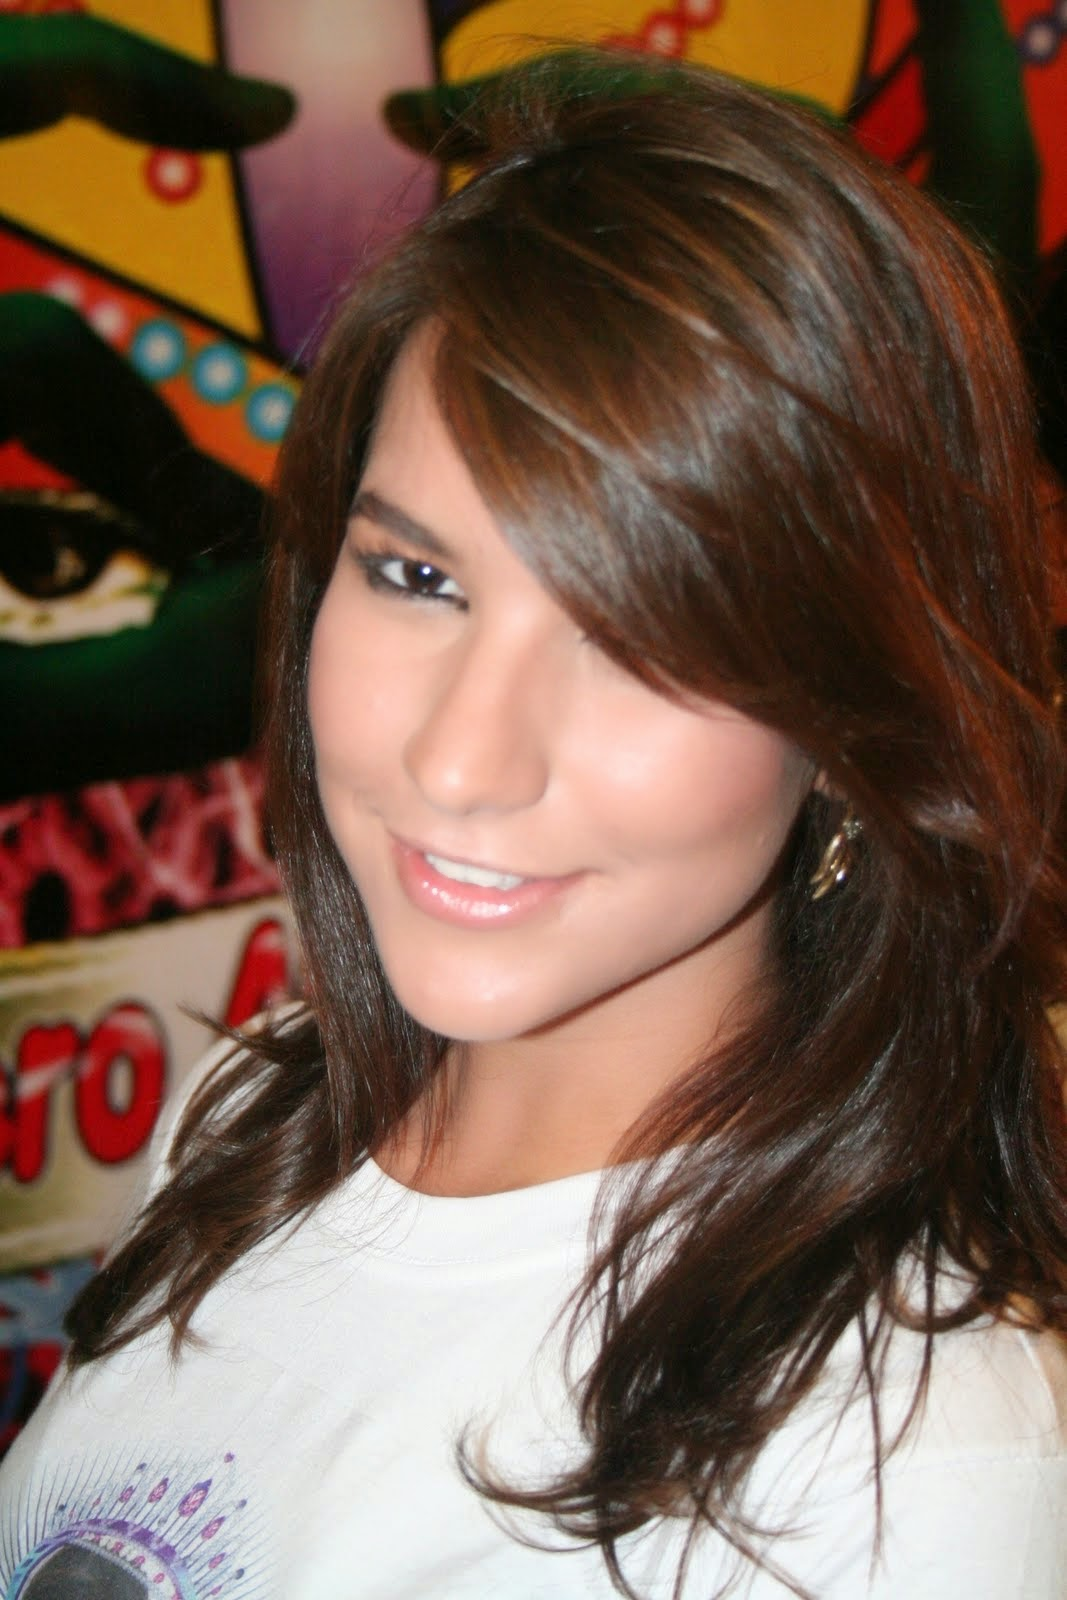 Chica hermosa Linda de Facebook.